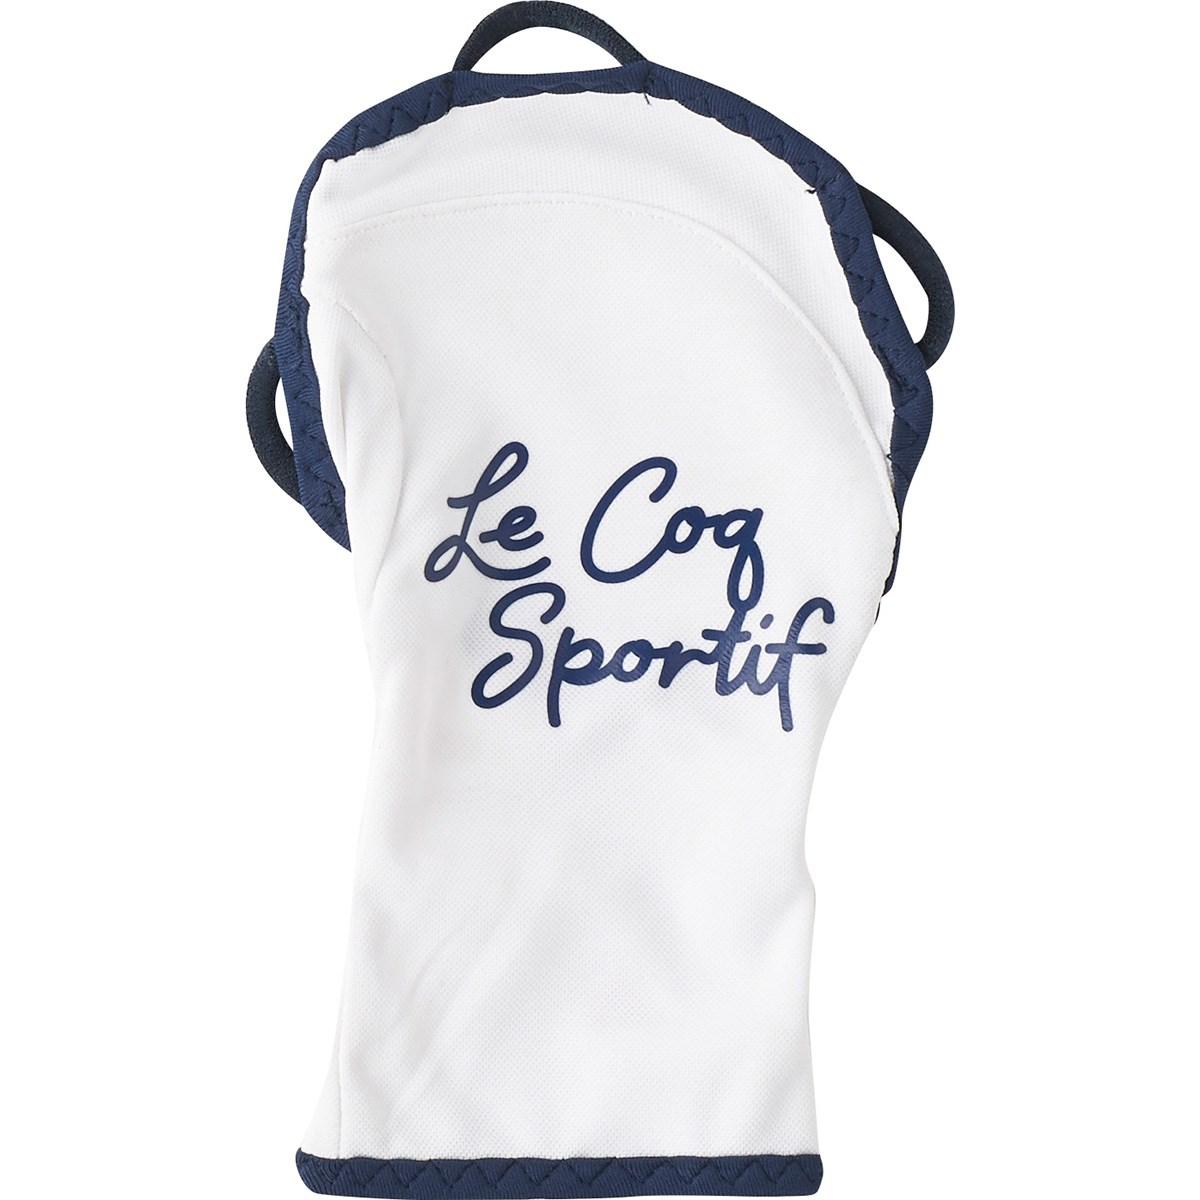 ルコックゴルフ Le coq sportif GOLF クーリストUVハンドカバー 右手用 フリー 右手用 ホワイト 00 レディス